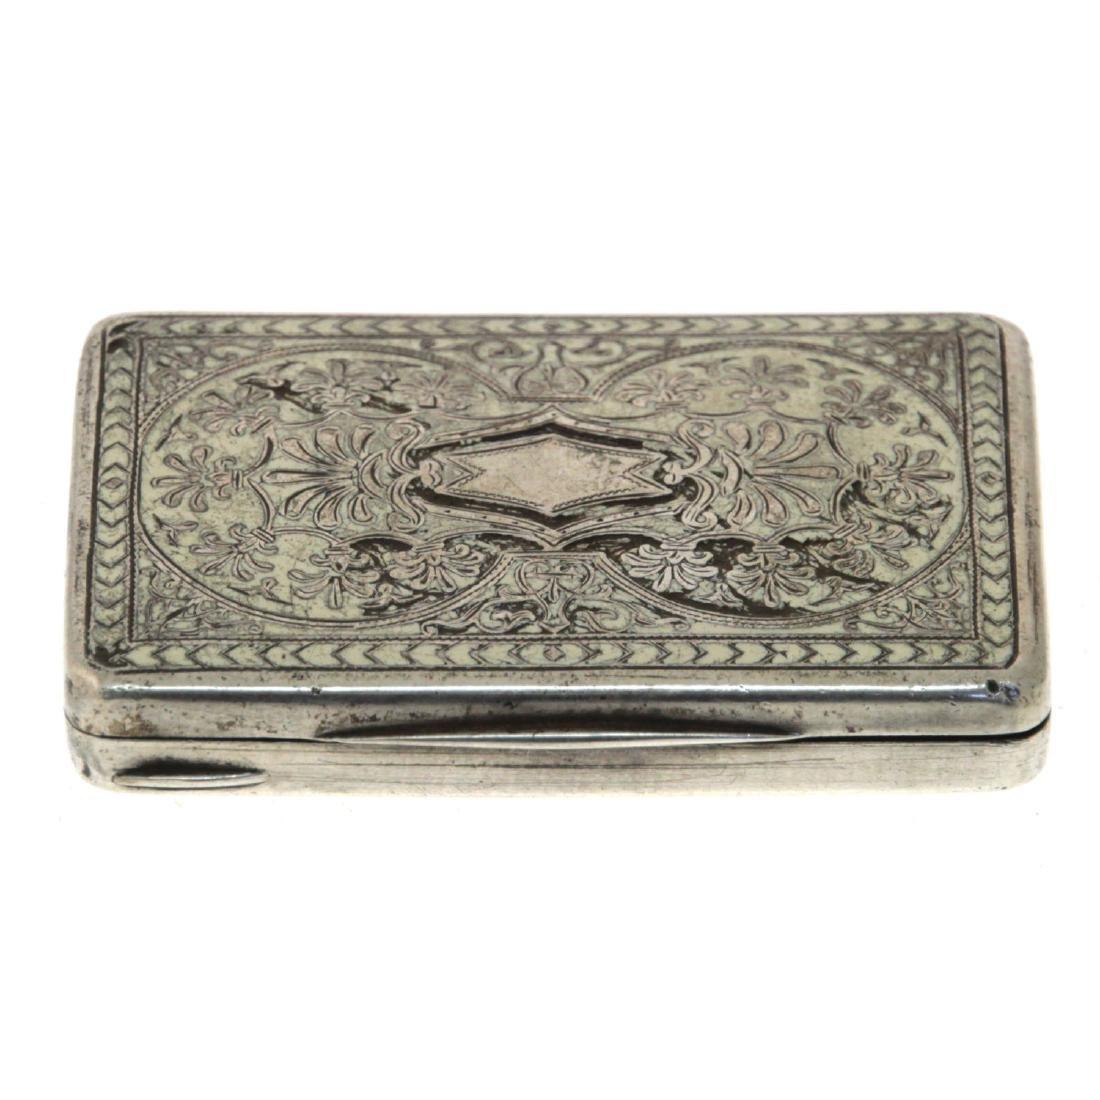 Silver Snuff Tobacco Box.